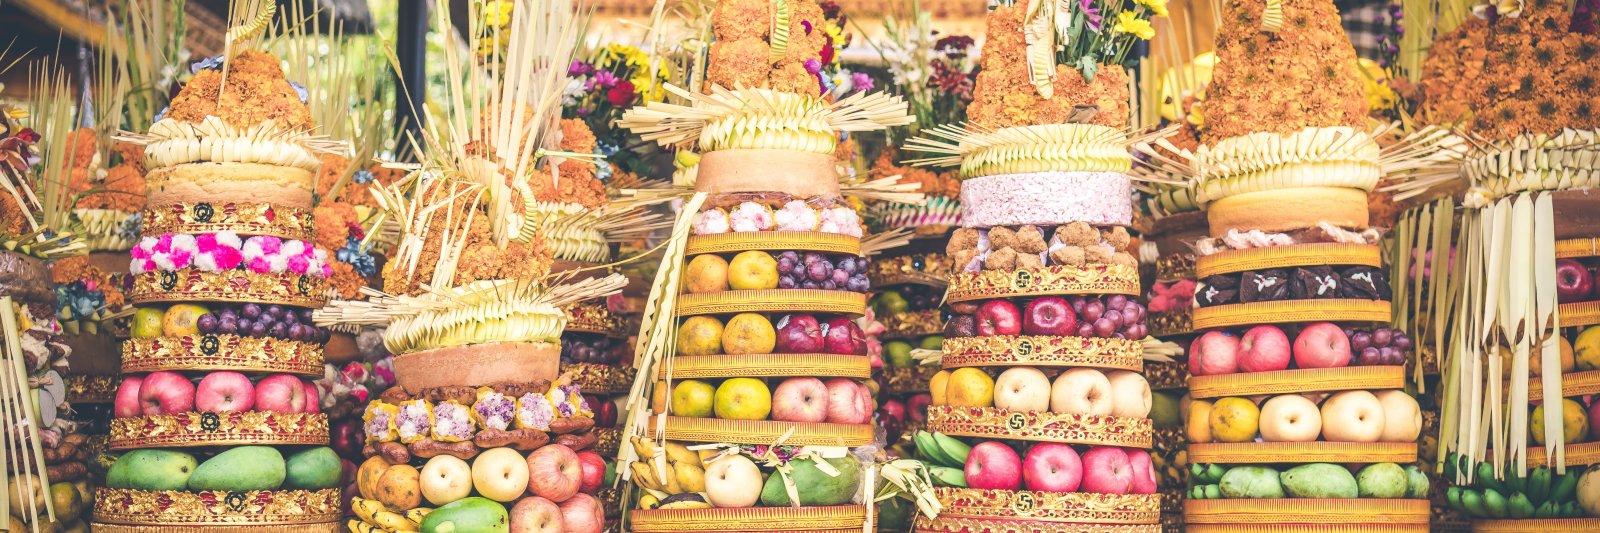 Balinese food offerings